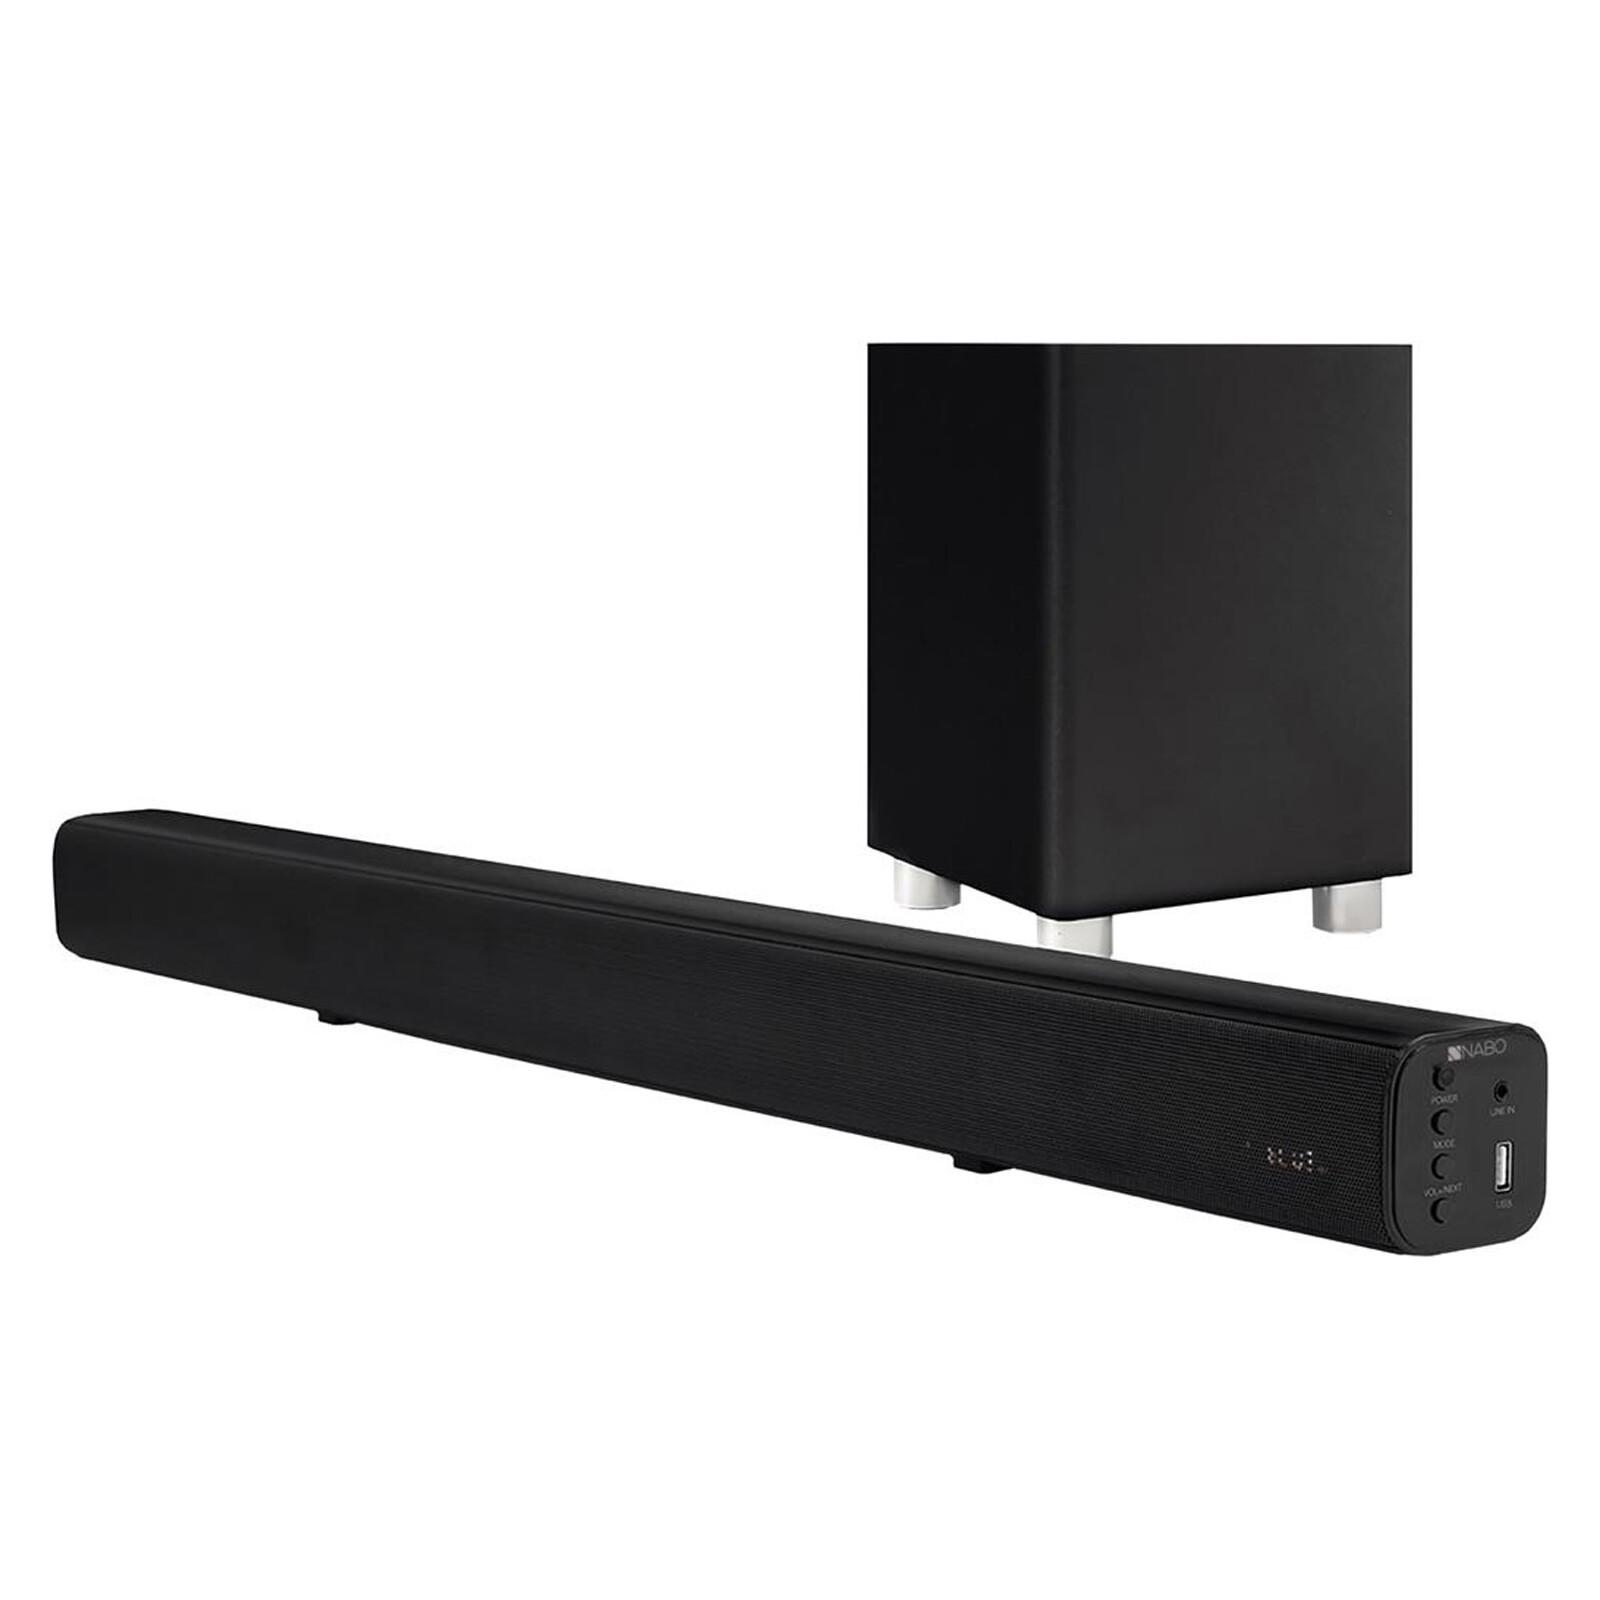 NABO SBW-175 Soundbar 2.1 schwarz